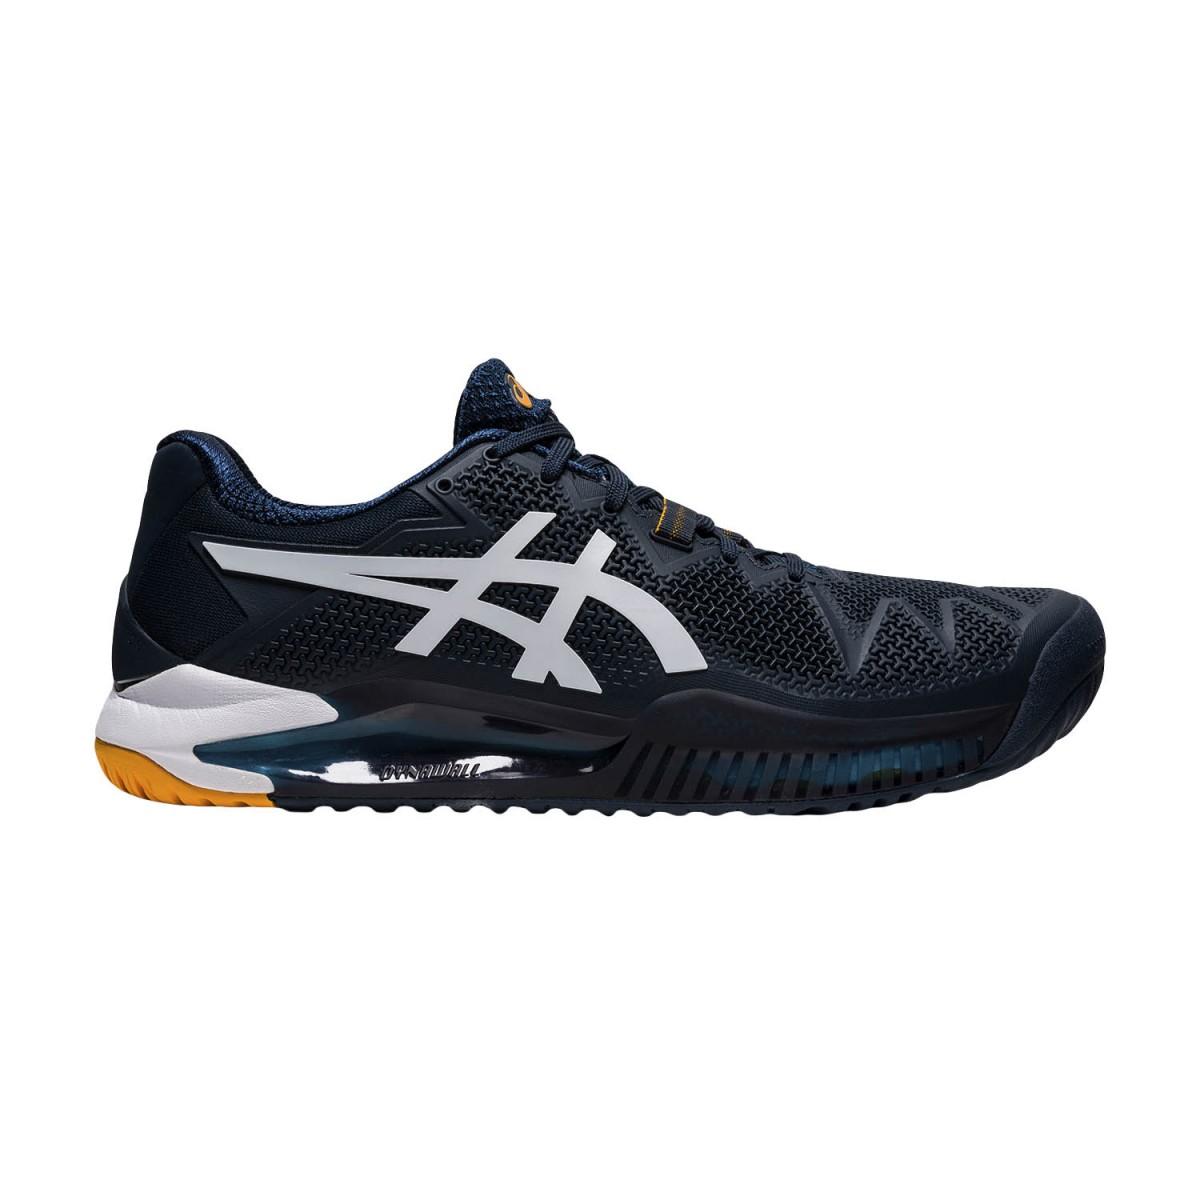 Теннисные кроссовки мужские Asics Gel-Resolution 8 french blue/white